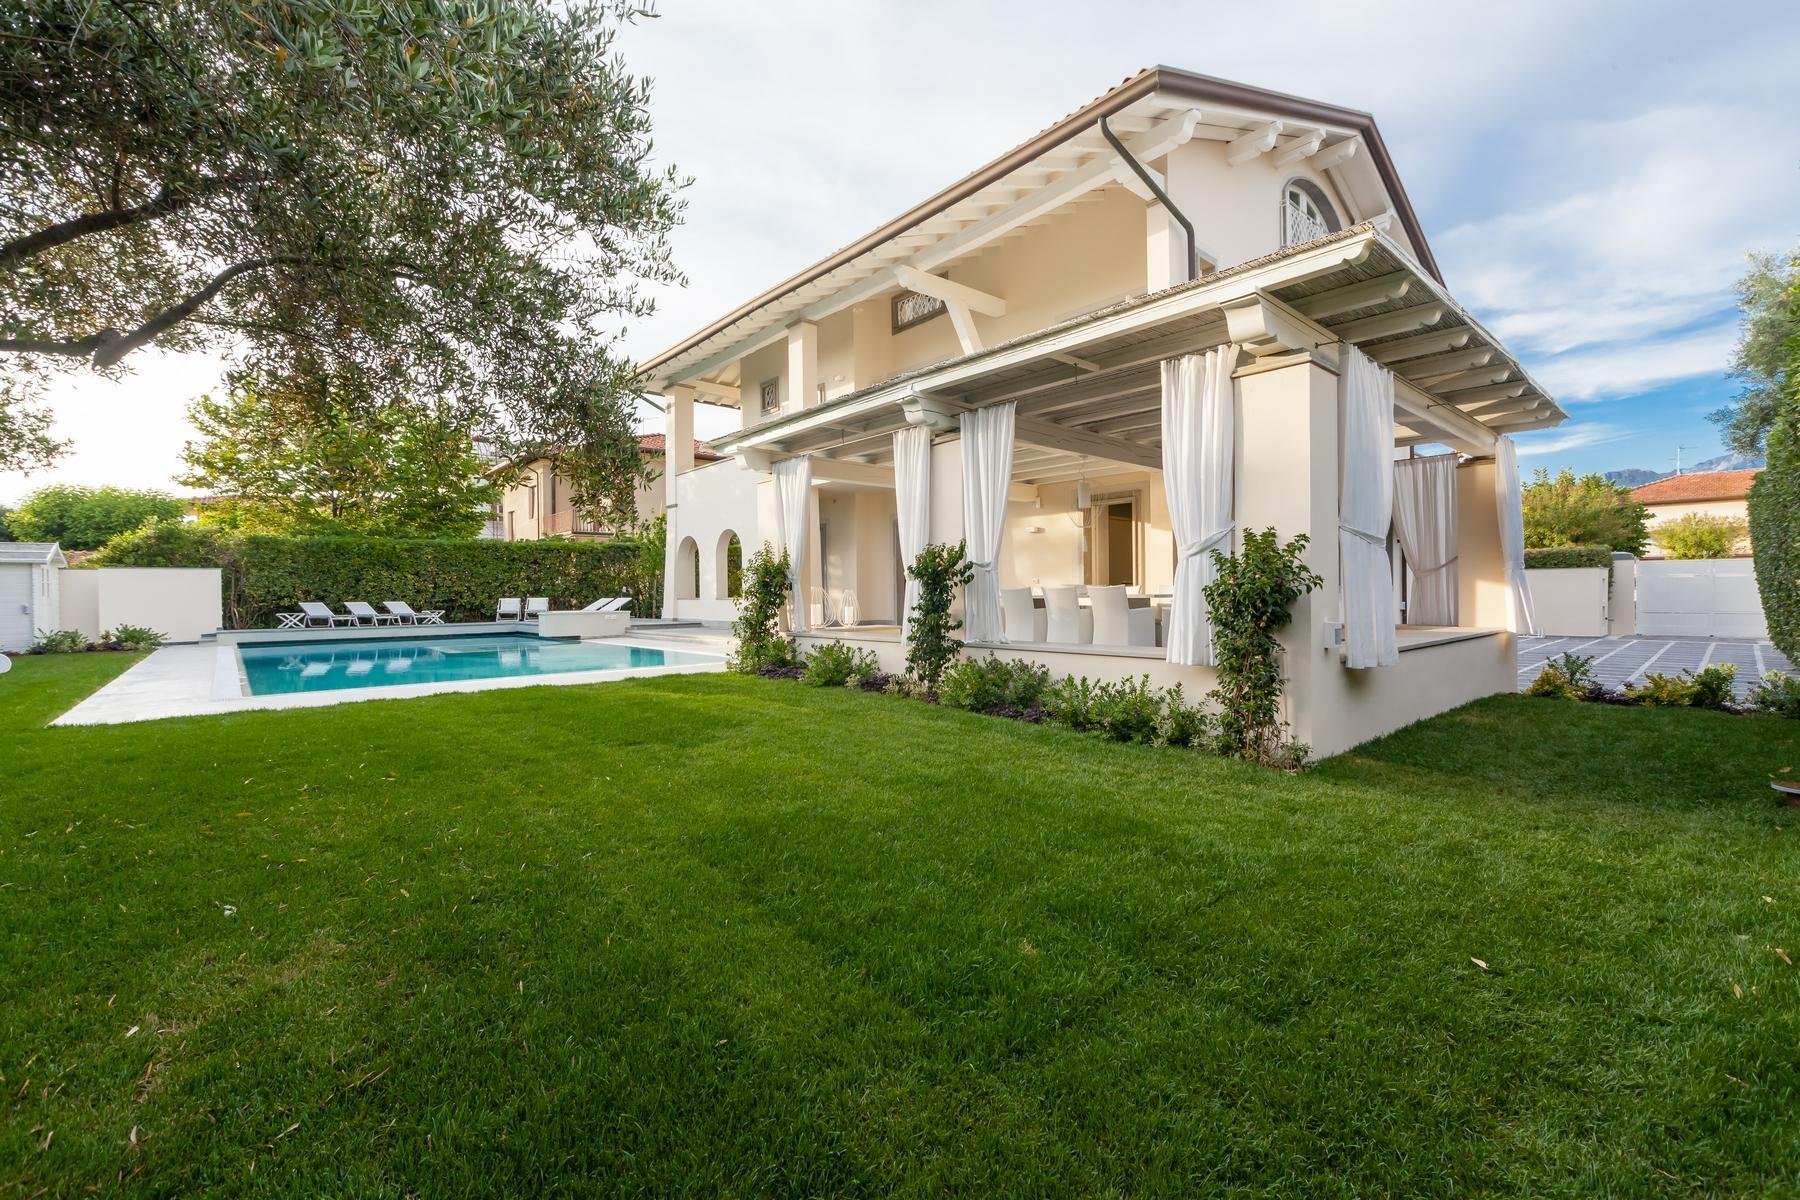 Wunderschöne Villa mit Pool in Forte dei Marmi - 2